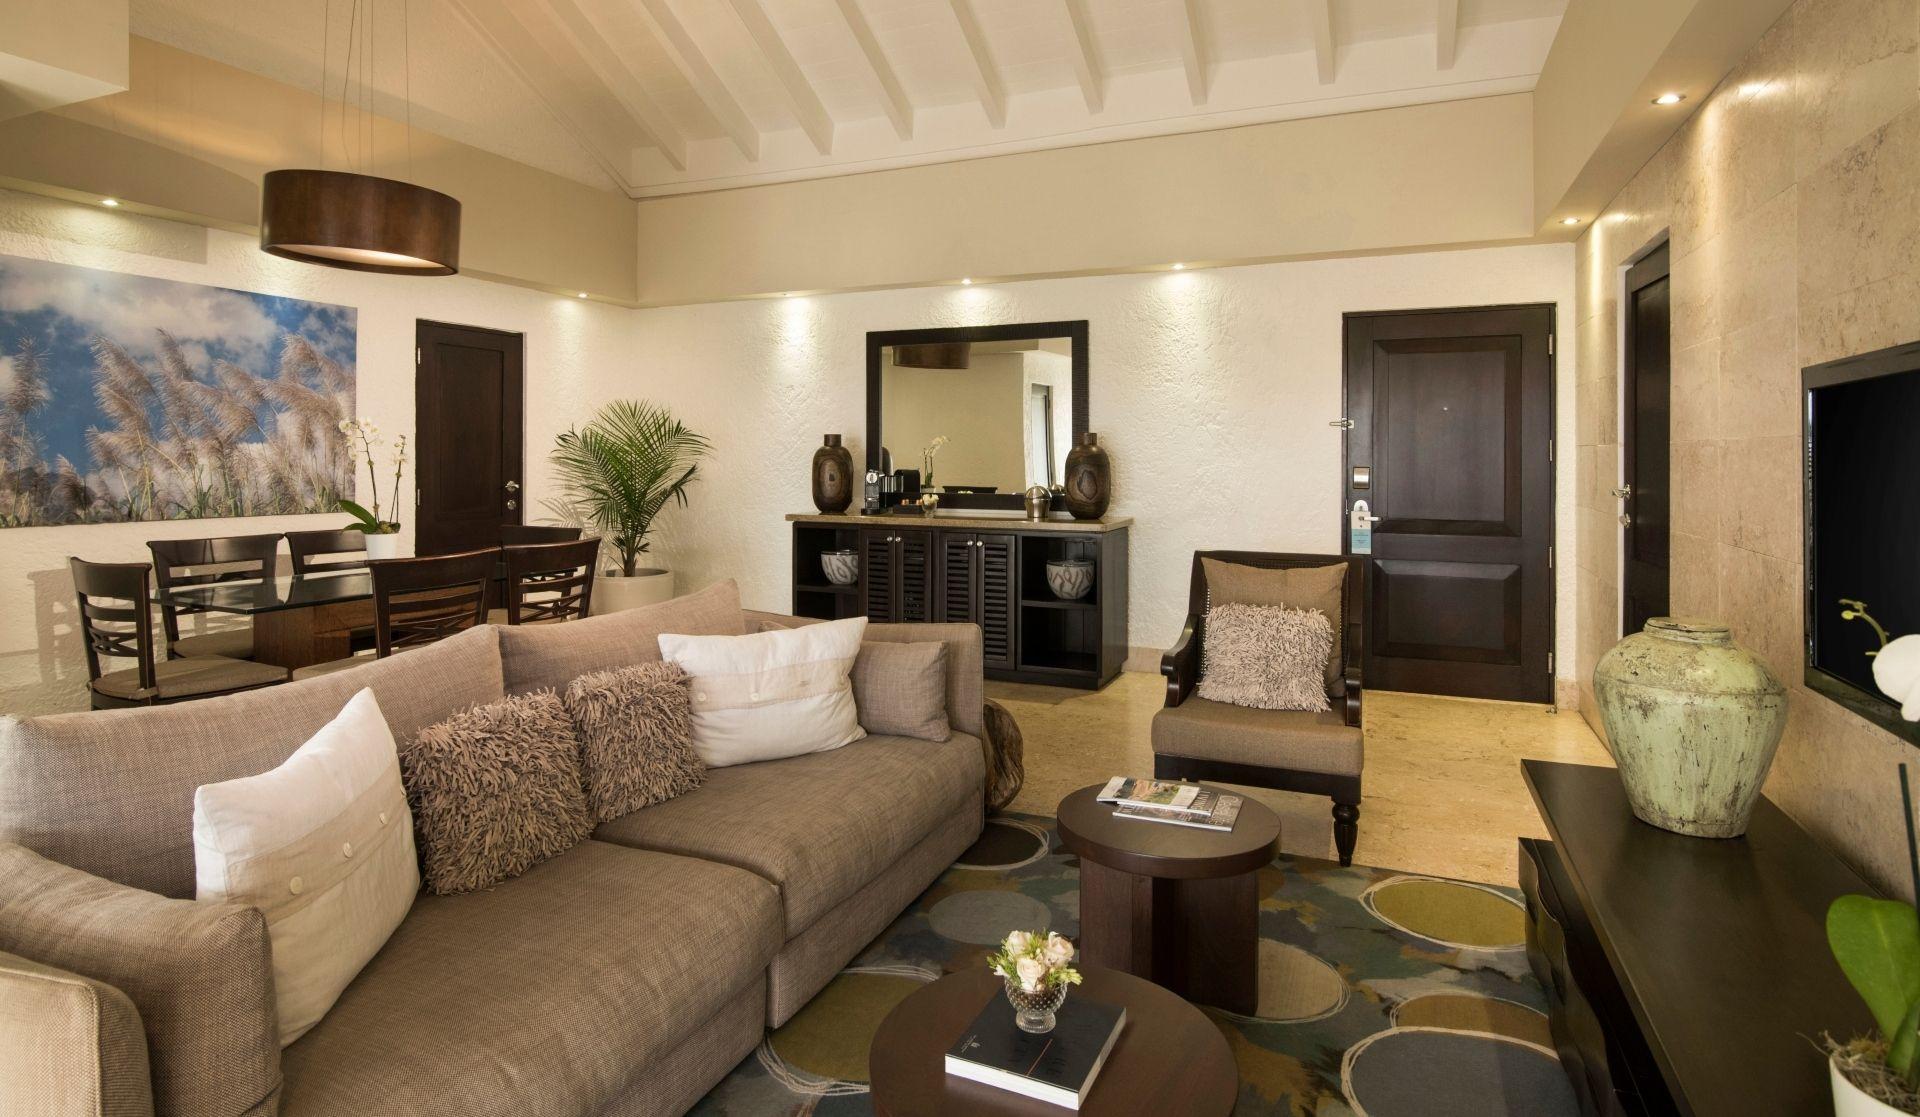 Hotel Suite – Elite Suite living area